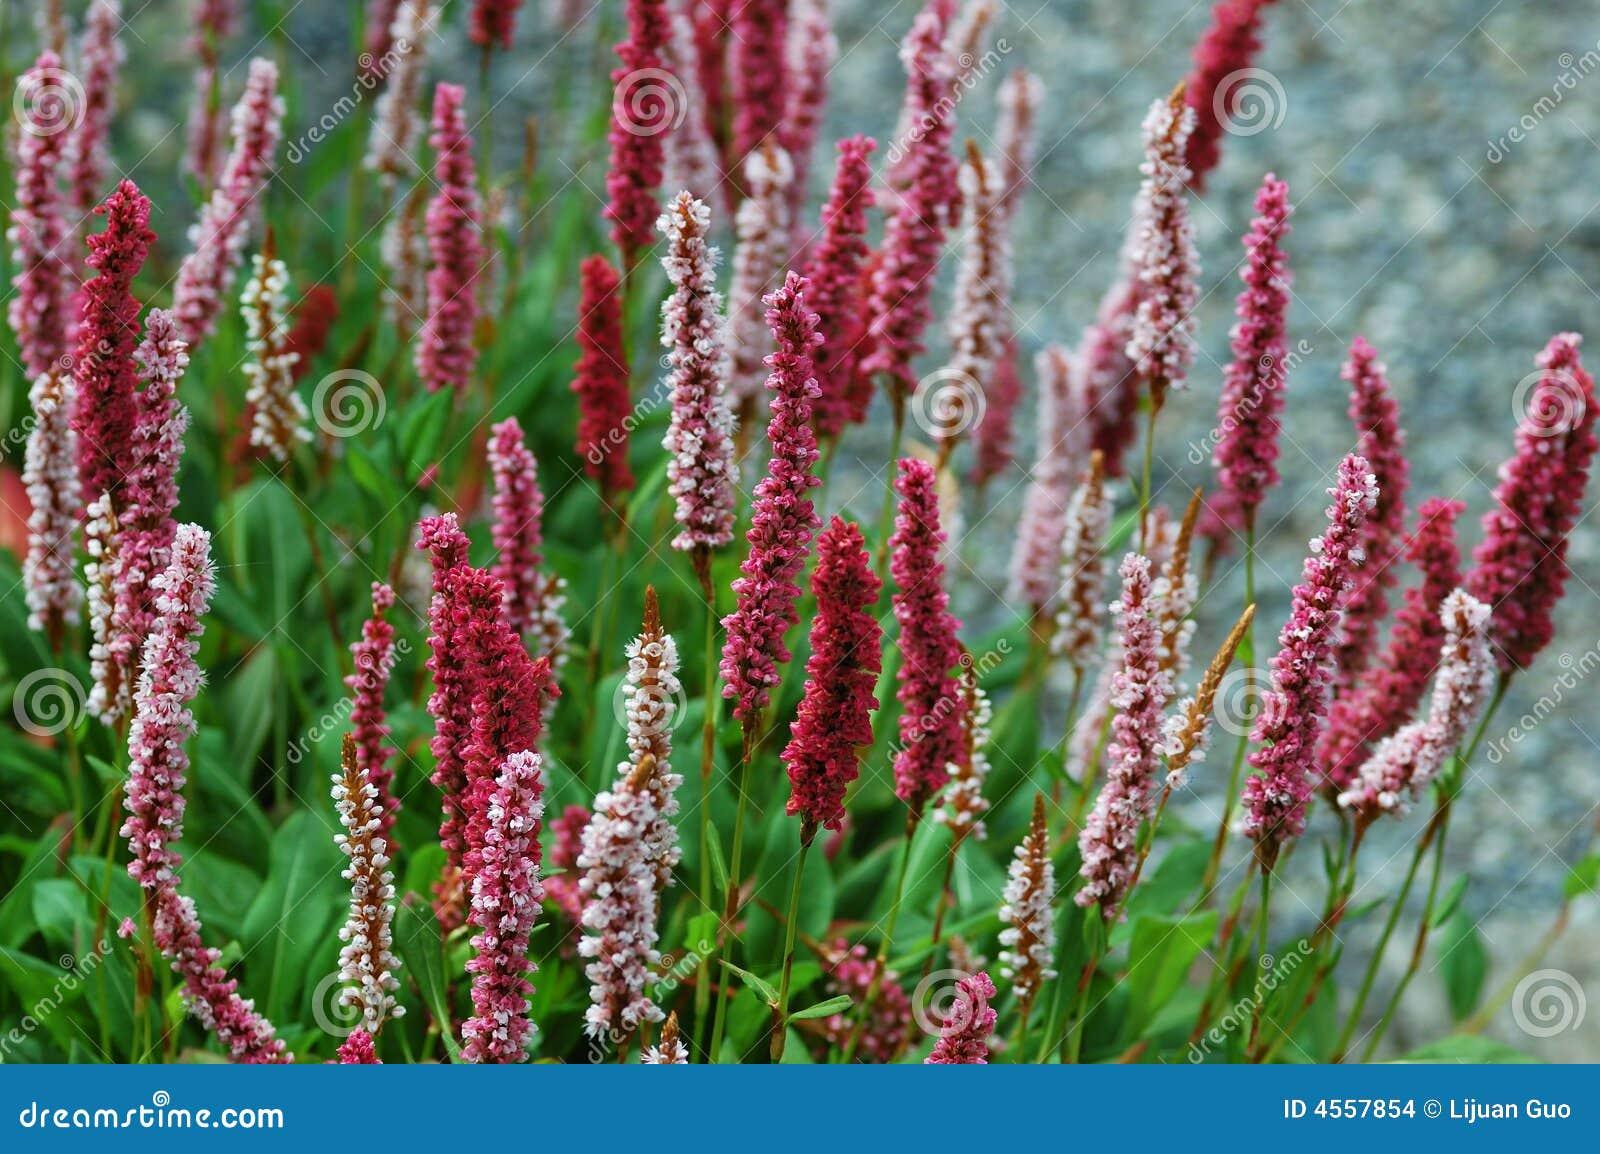 Perennial Flower Pictures Savingourboysfo